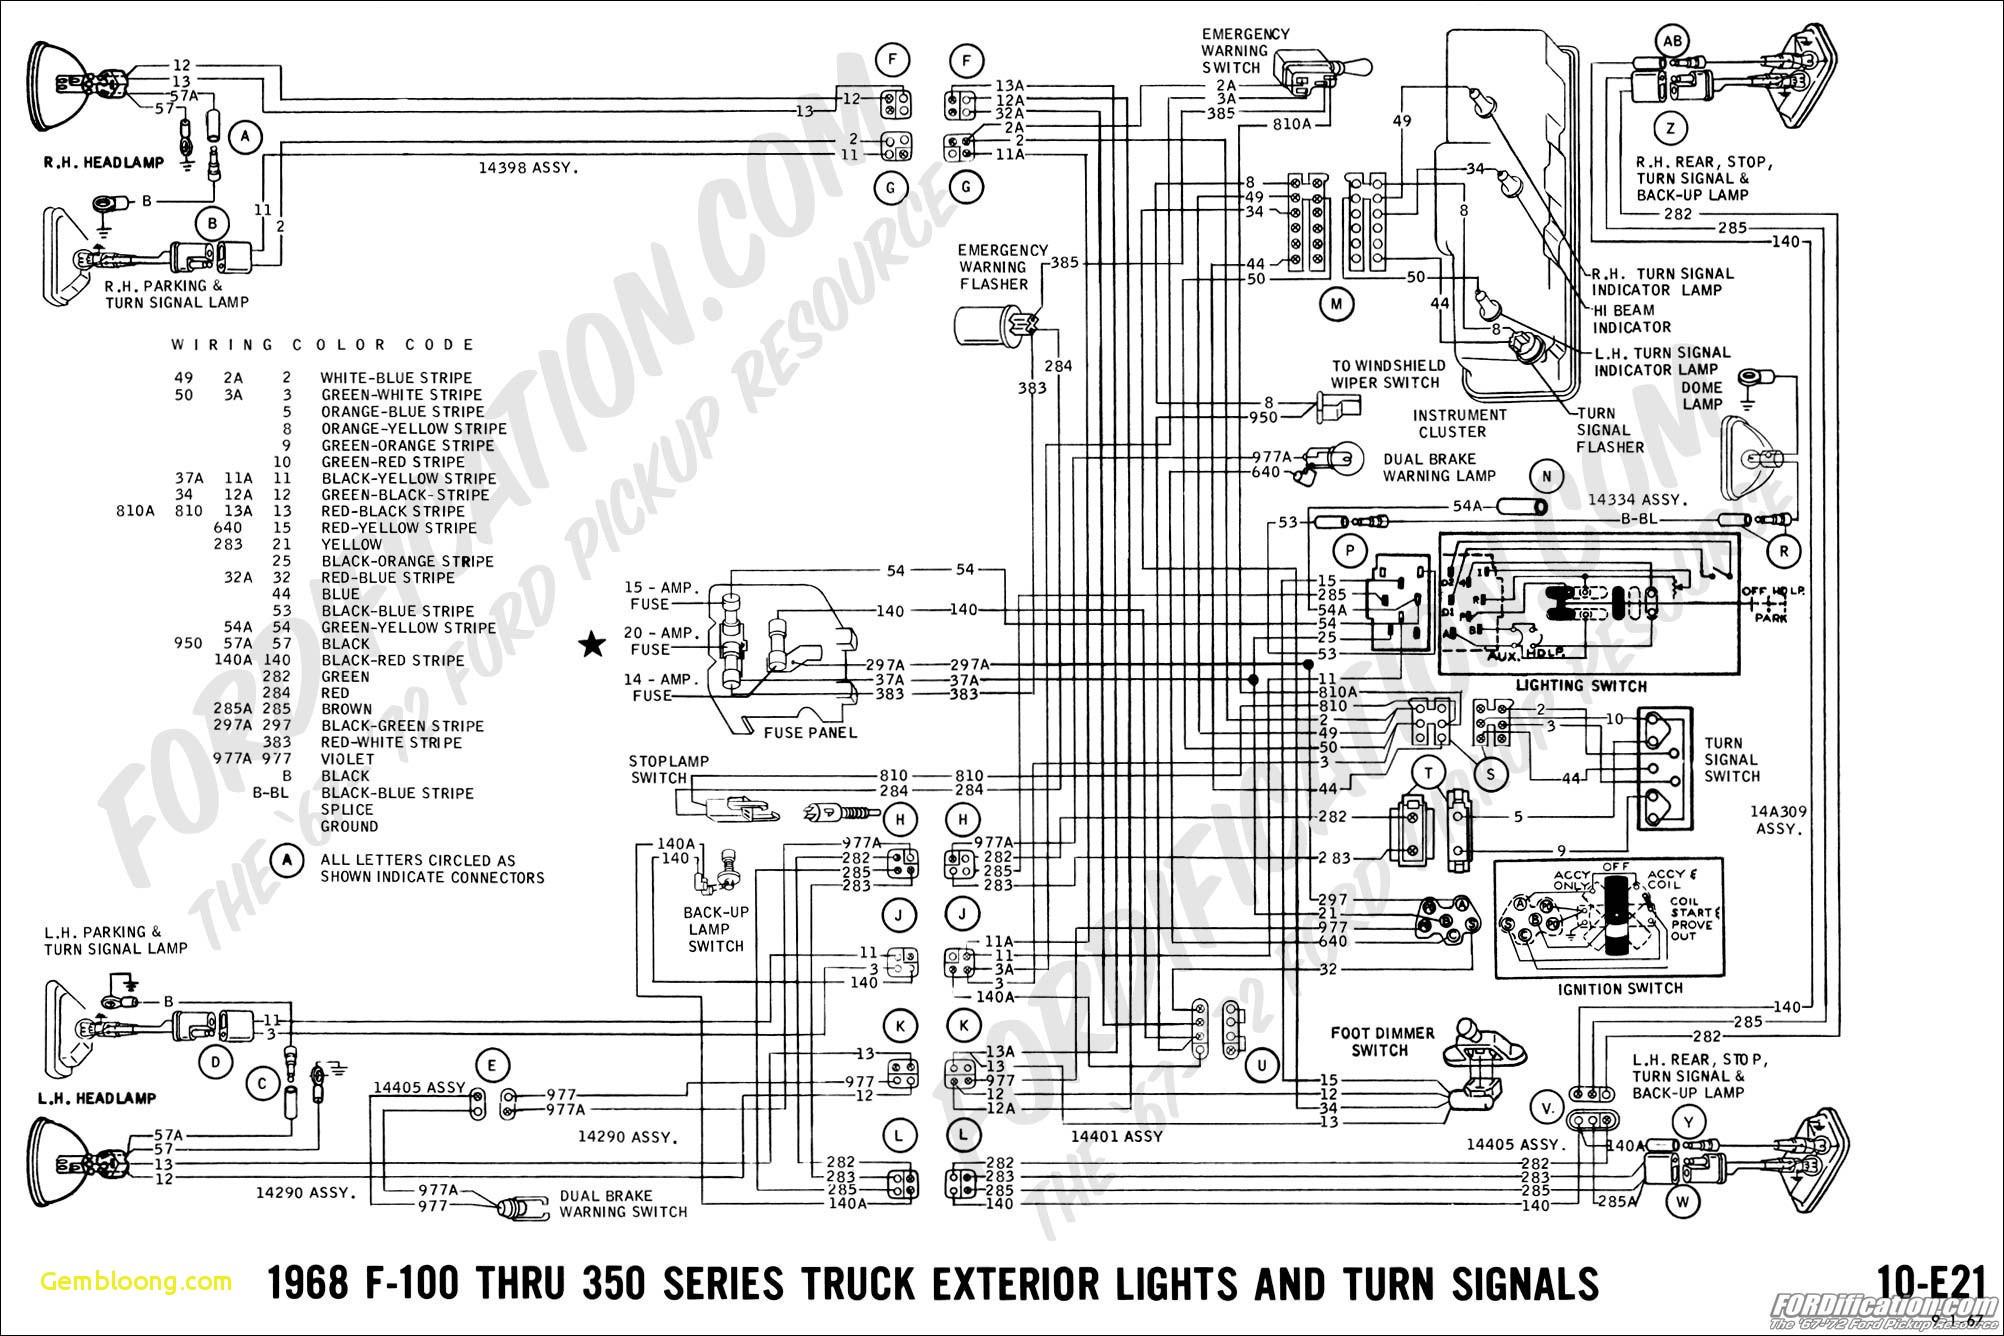 1979 Ford F 150 Alternator Wiring Wiring Diagram Used 85 F150 Alternator Wiring Diagram